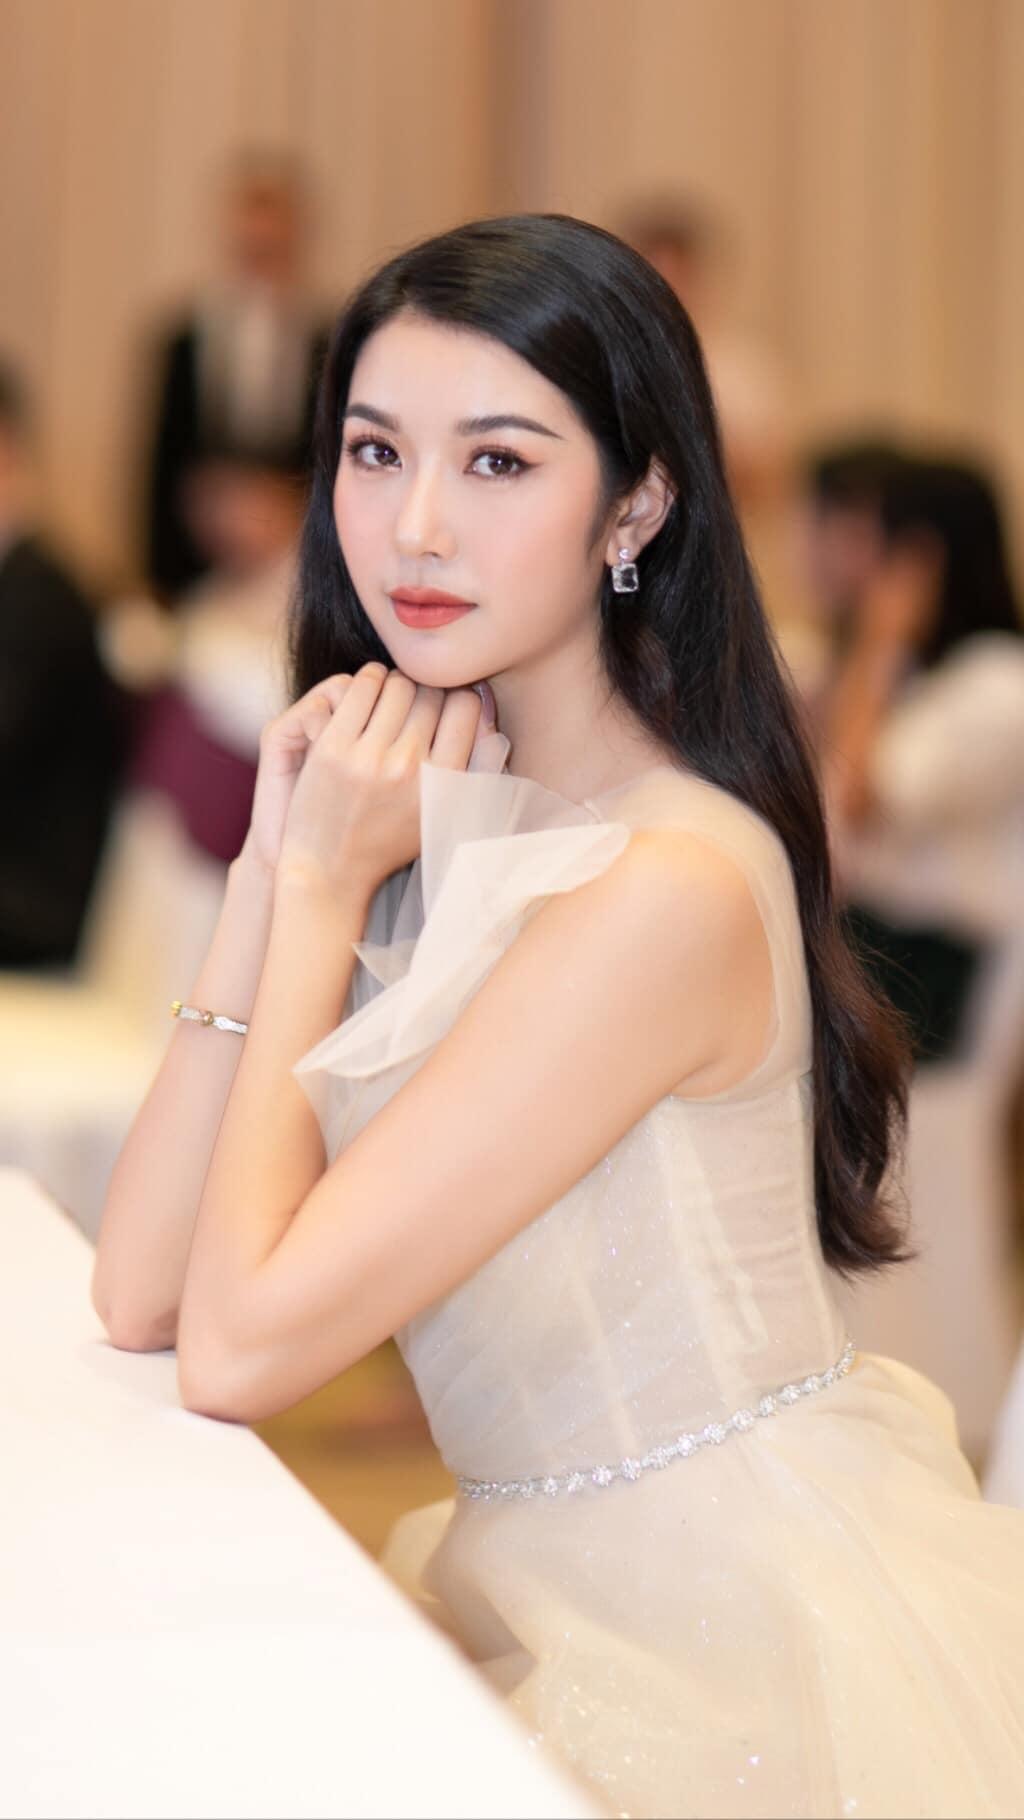 Tuy dự định sẽ tổ chức đám cưới trong năm nay nhưng Thúy Vân vẫn chưa tiết lộ danh tính người yêu